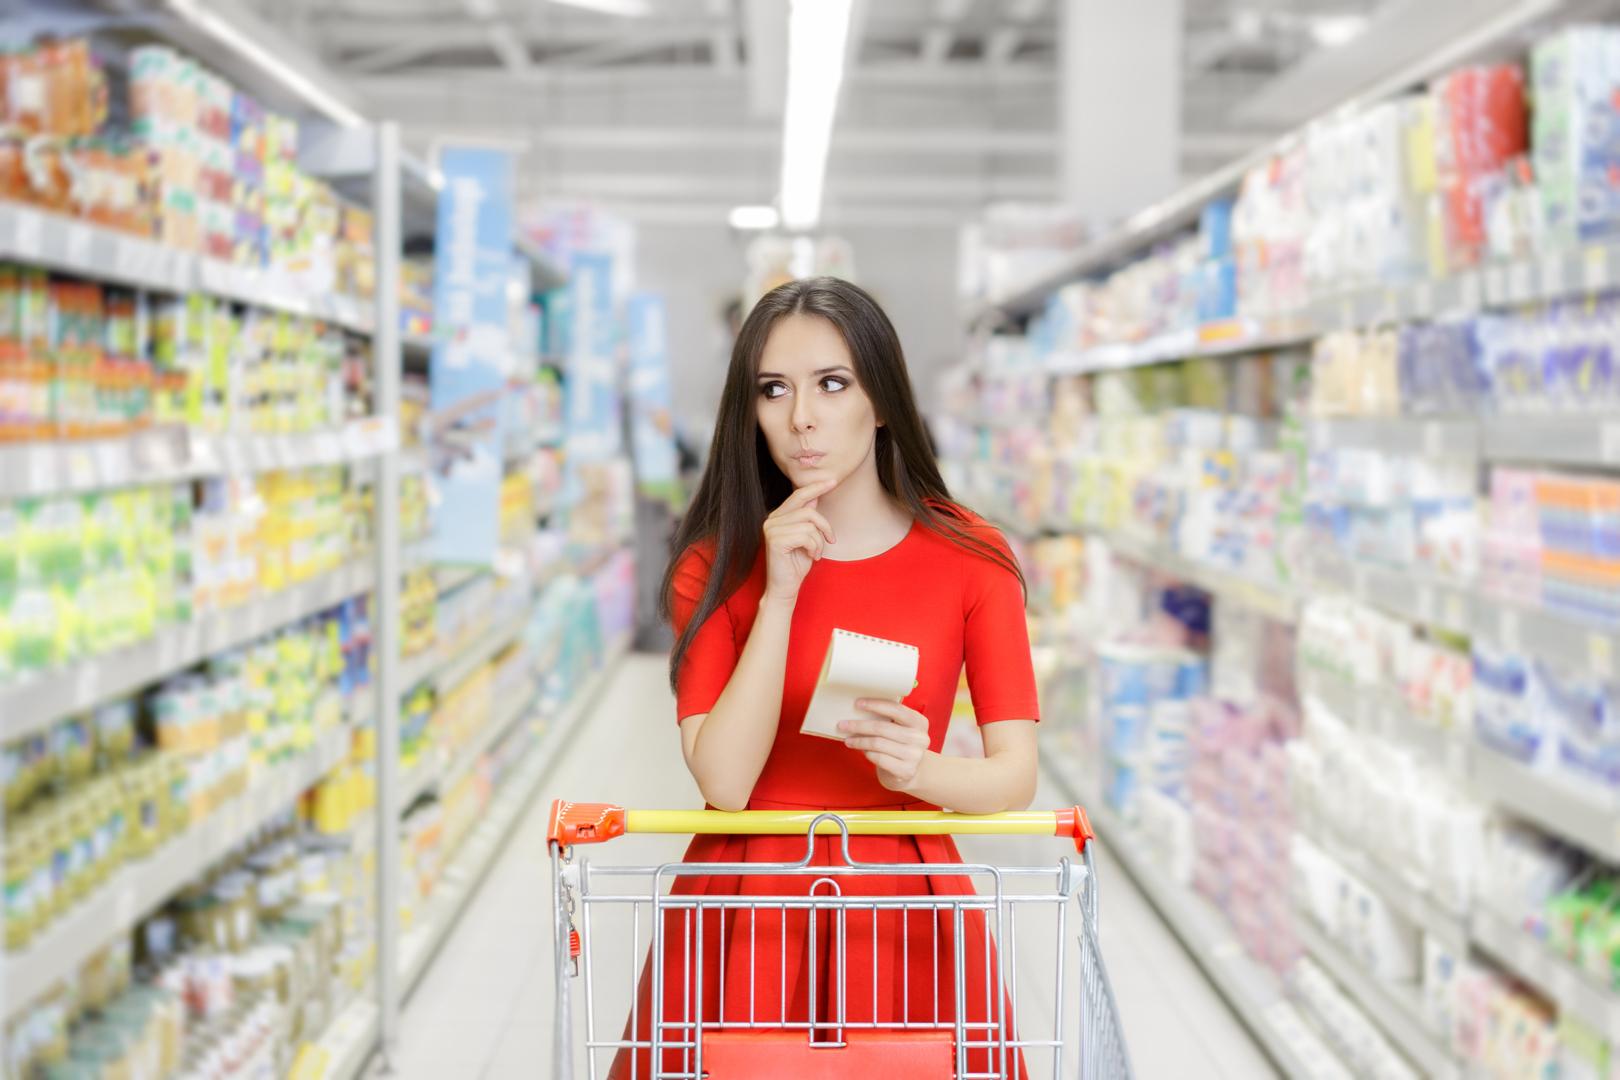 Нужны ли российскому бюджету «сладкие» акцизы? Фото: shutterstock.com